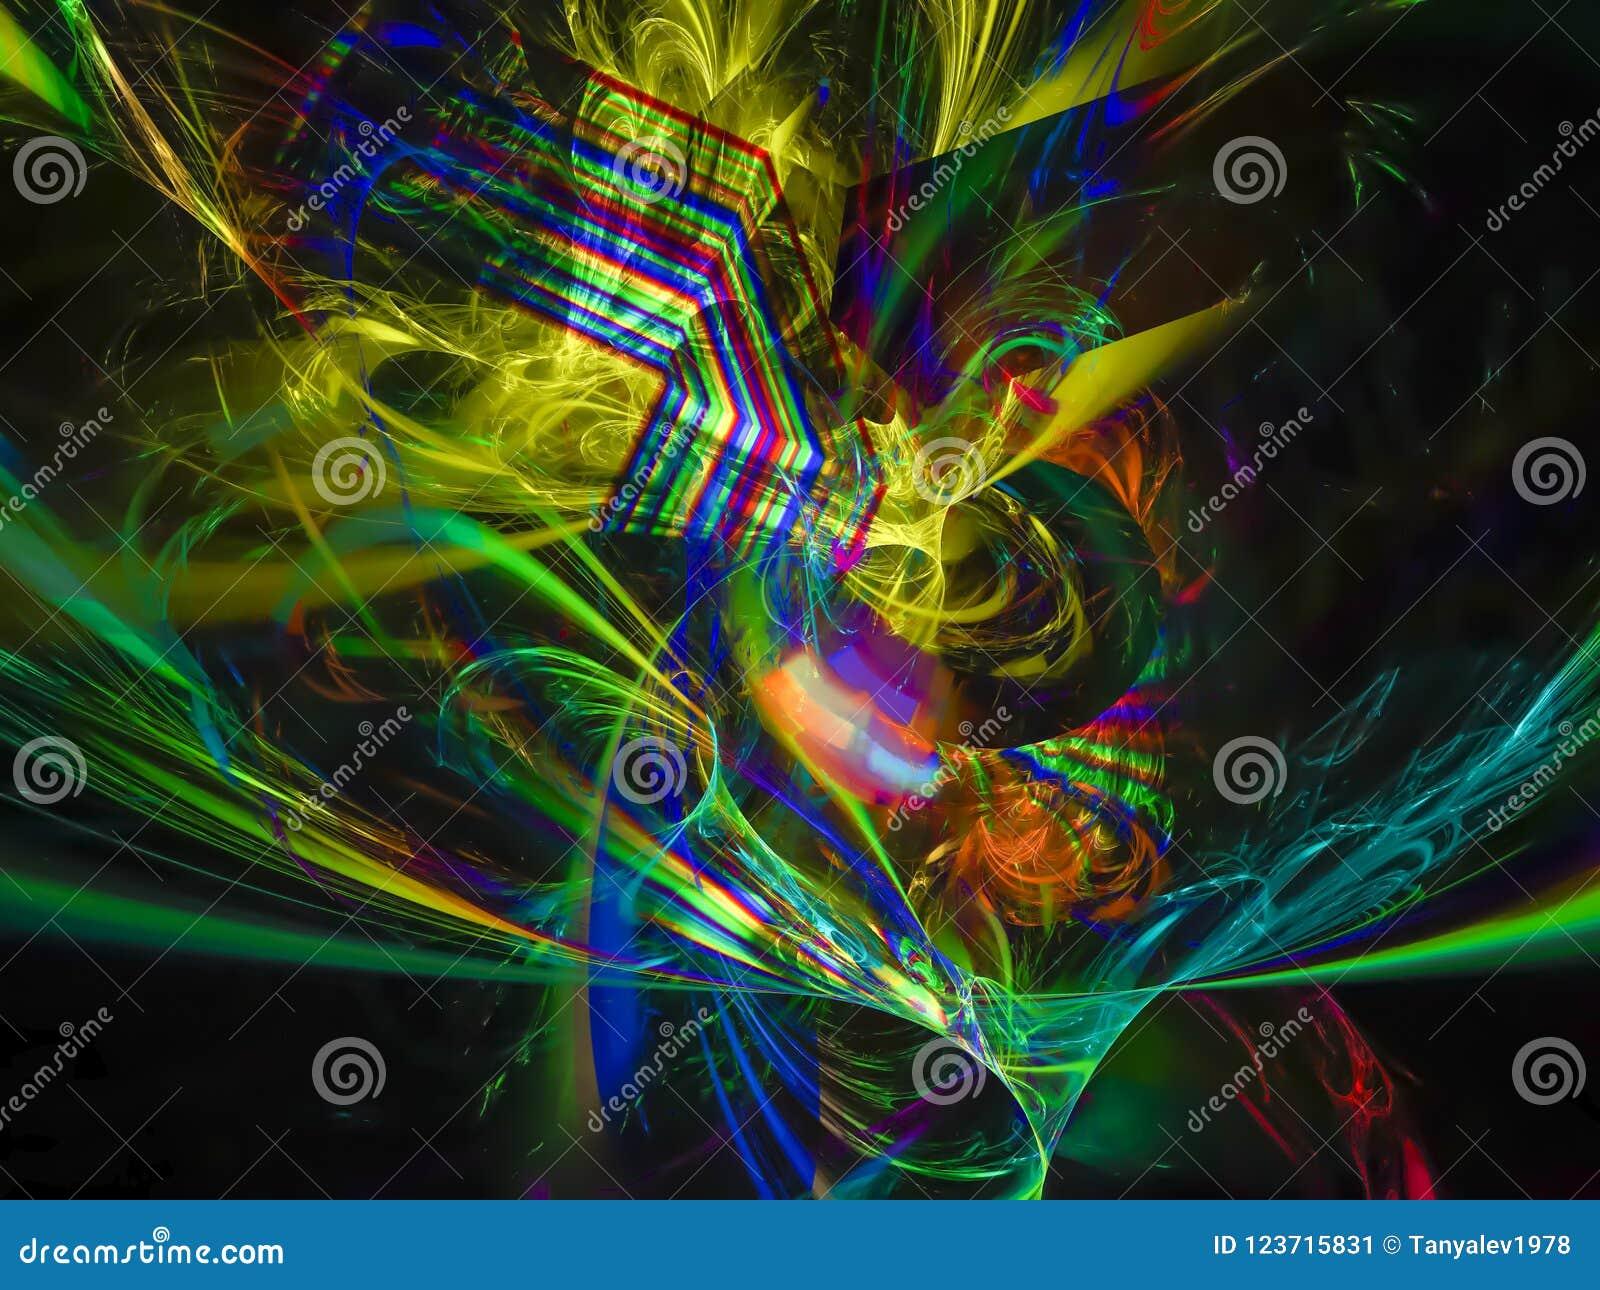 Futuro etereo di stile di eleganza di scienza digitale astratta di frattale unico